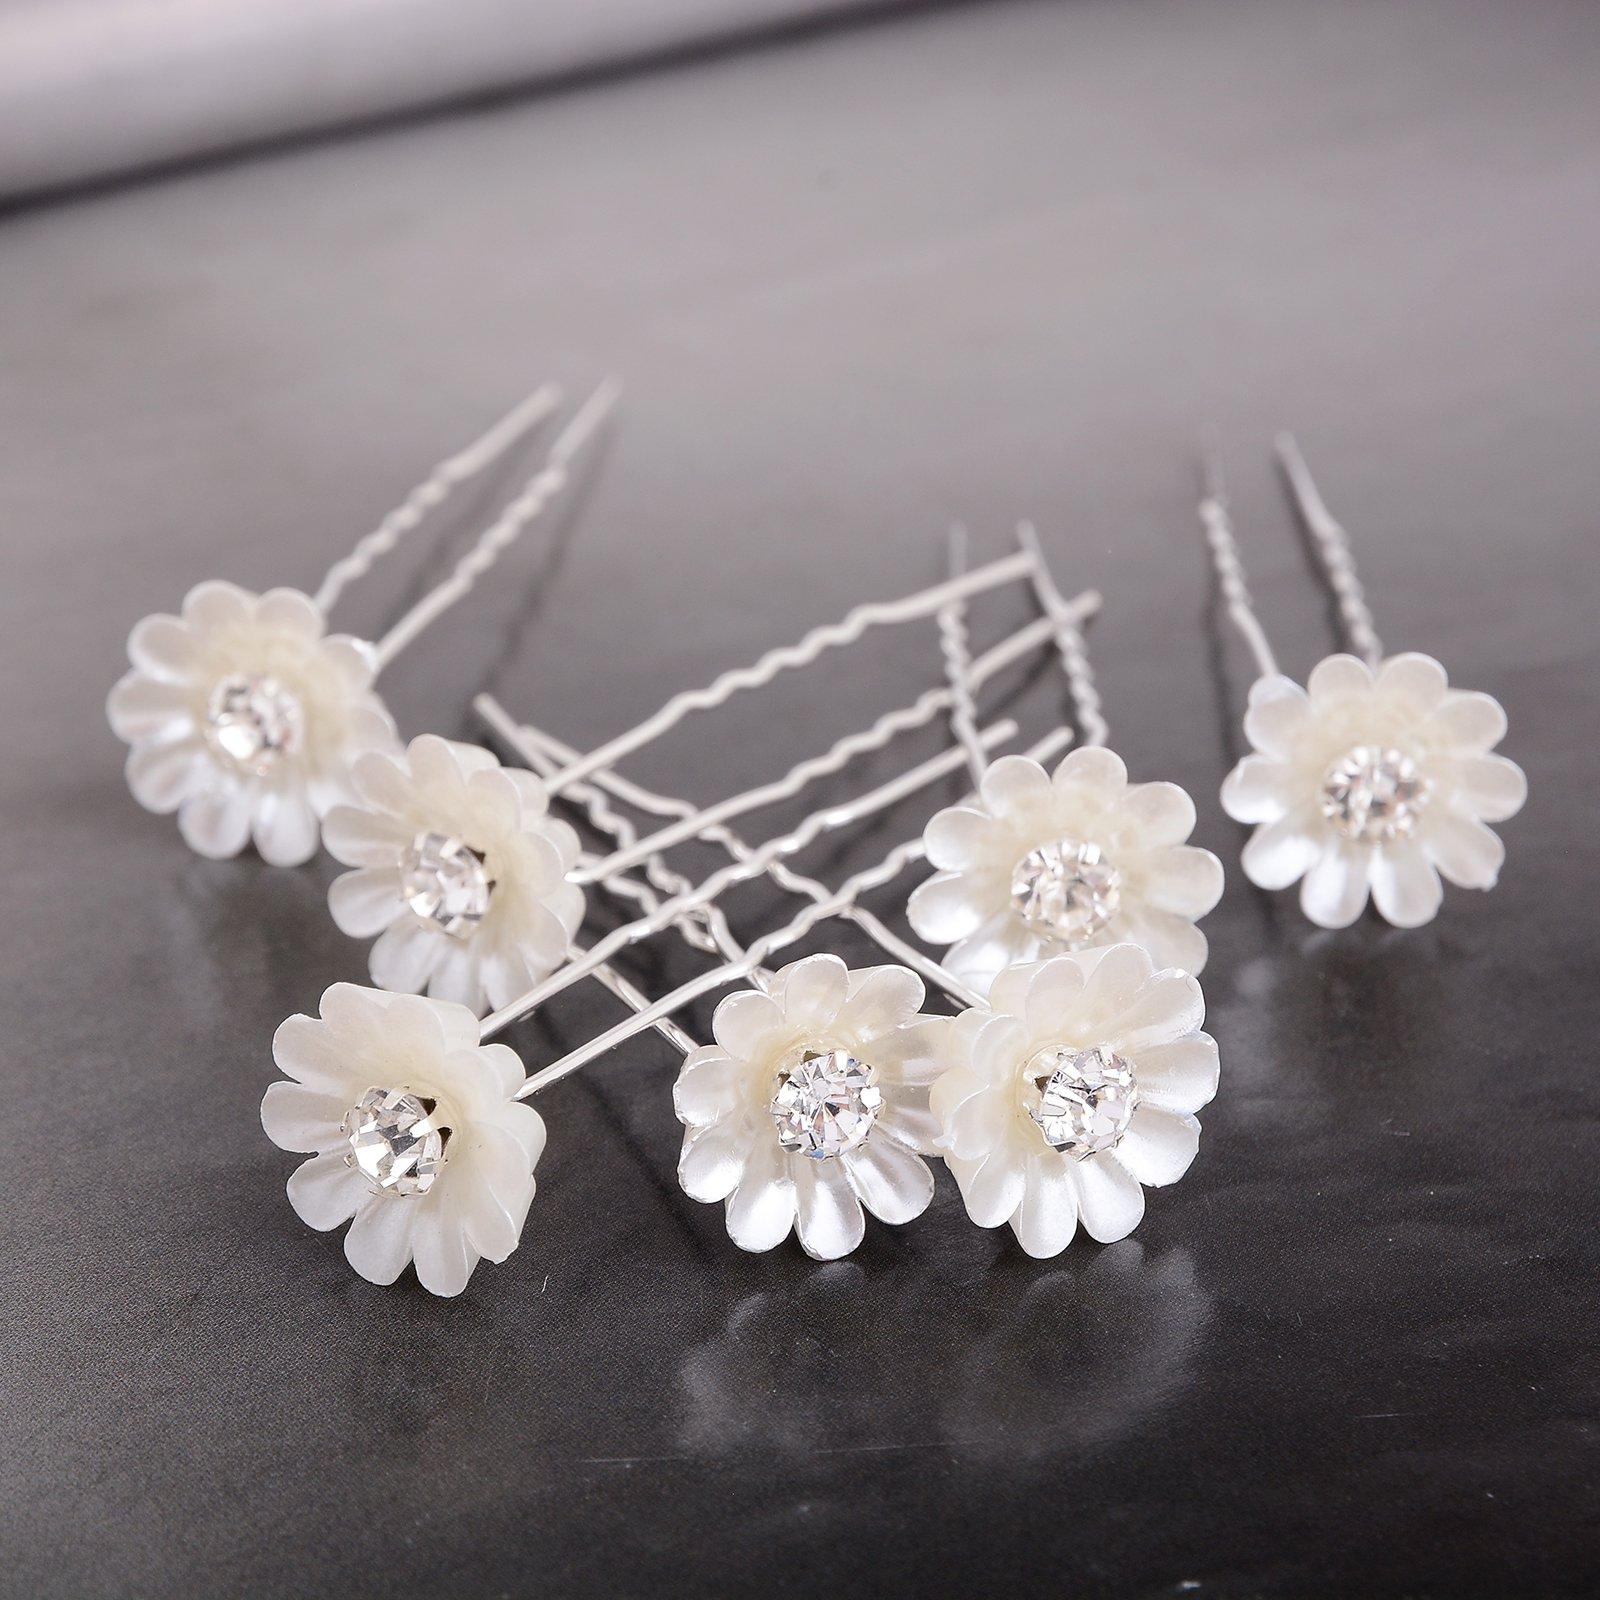 Yantu Womens Flower Hair Pins Bridal Wedding Hair Pin with Crystal (Pack of 20) (Big bead flower) by yantu